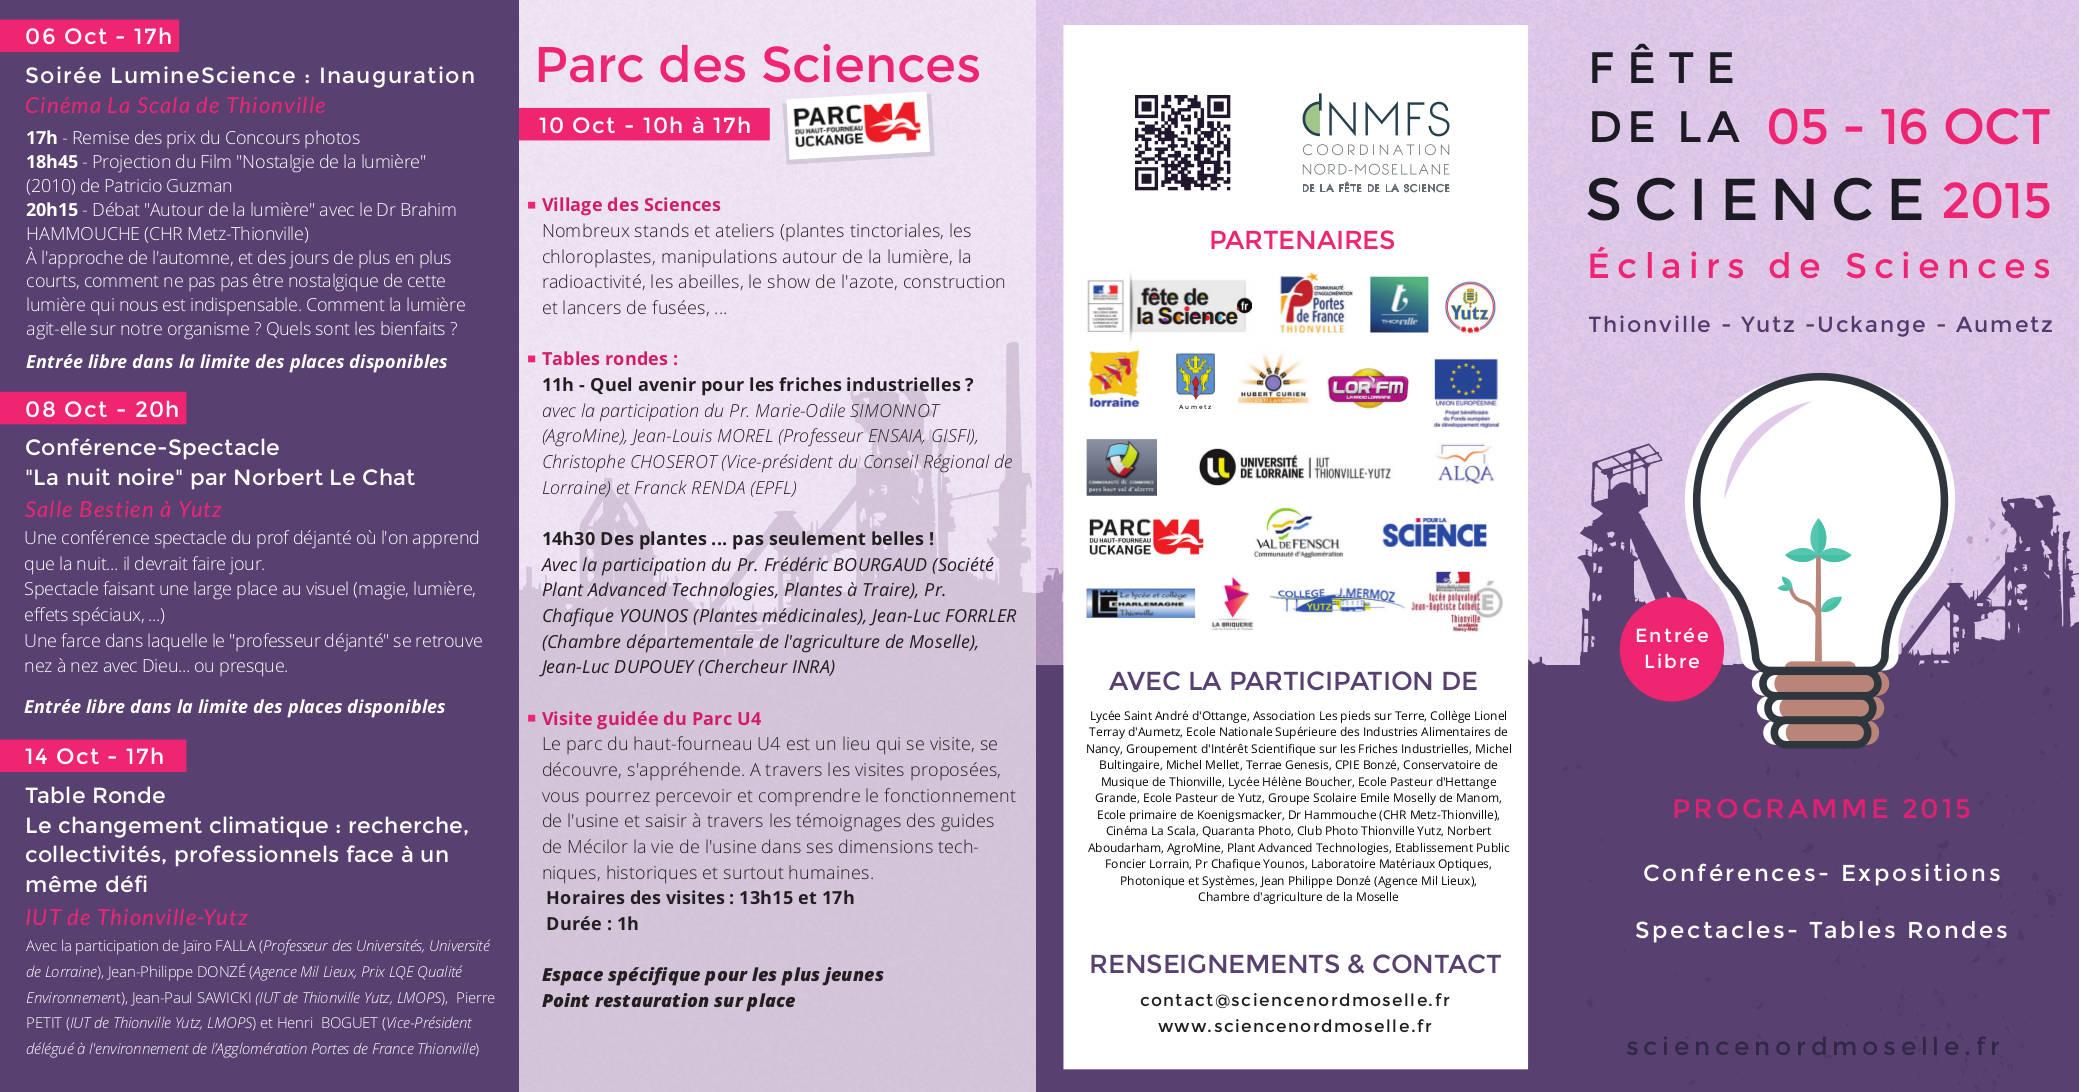 Fªte de la science – du 05 au 16 octobre 2015